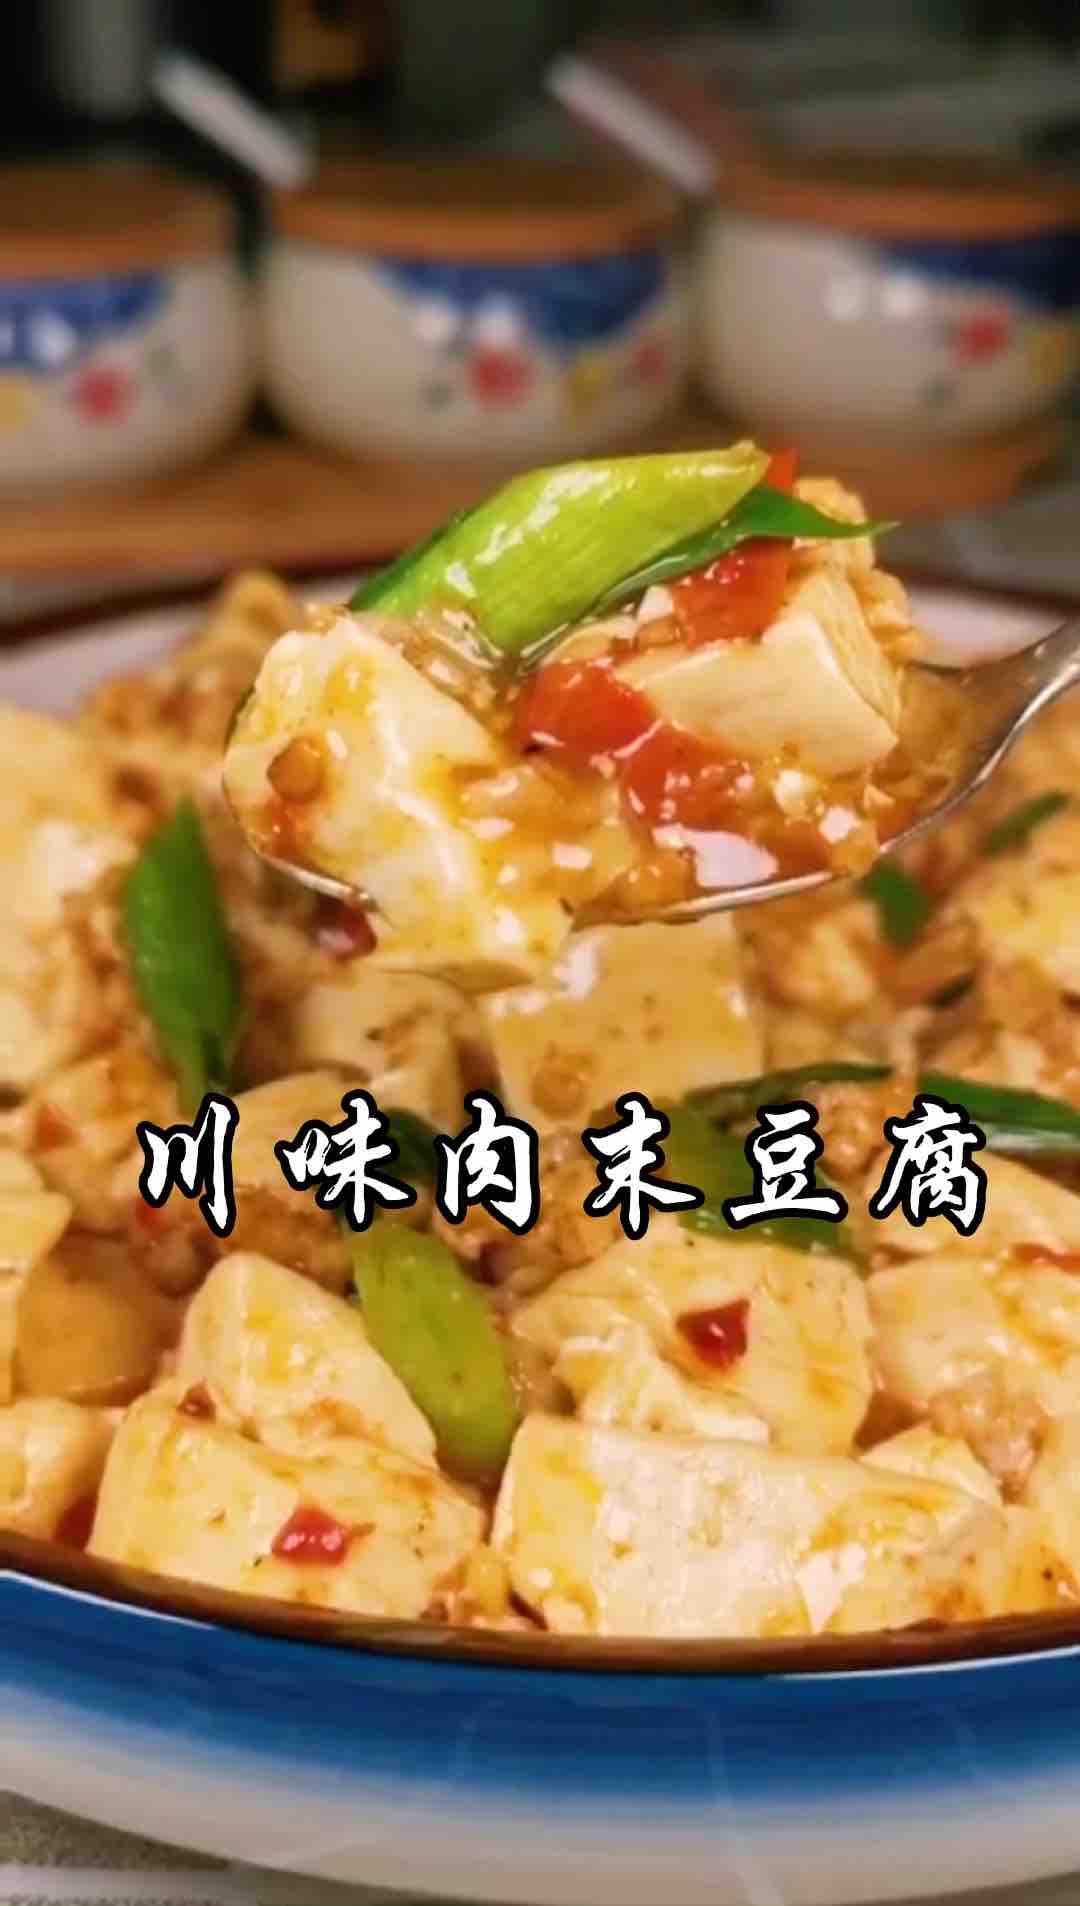 川味肉沫豆腐